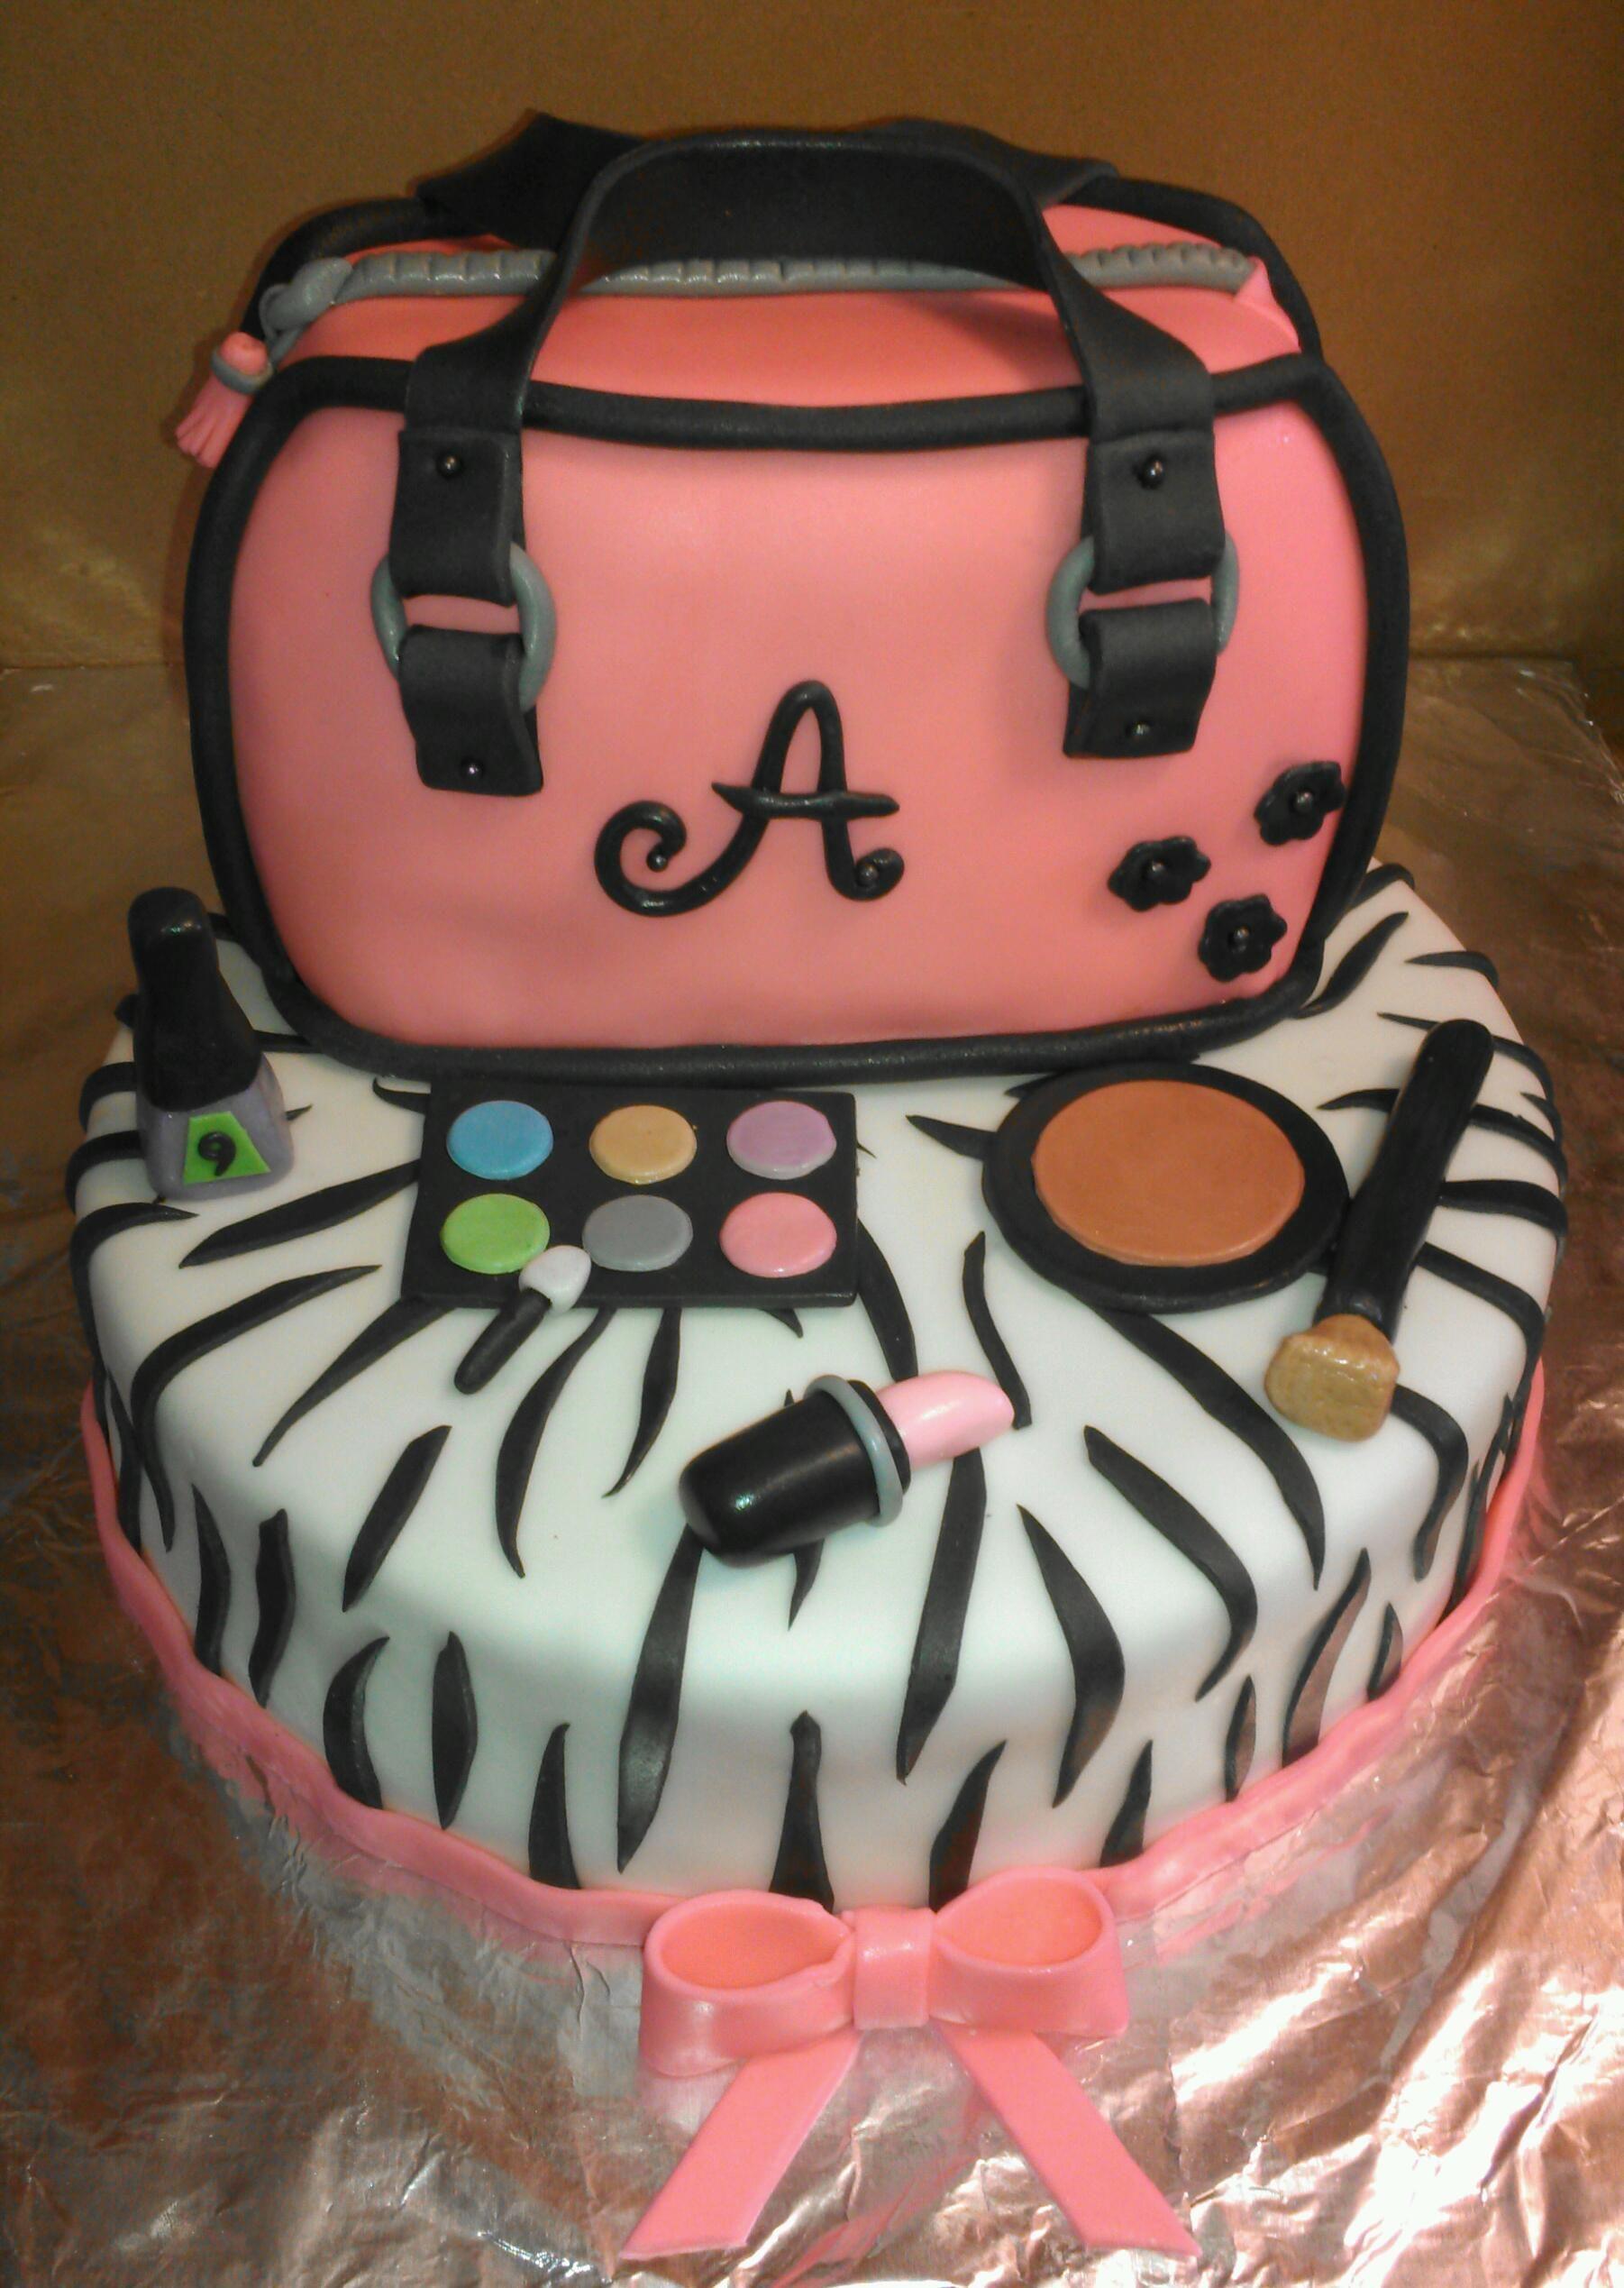 Terrific Girls Birthday Cake 25Th Birthday Cakes Birthday Cake Kids Funny Birthday Cards Online Amentibdeldamsfinfo